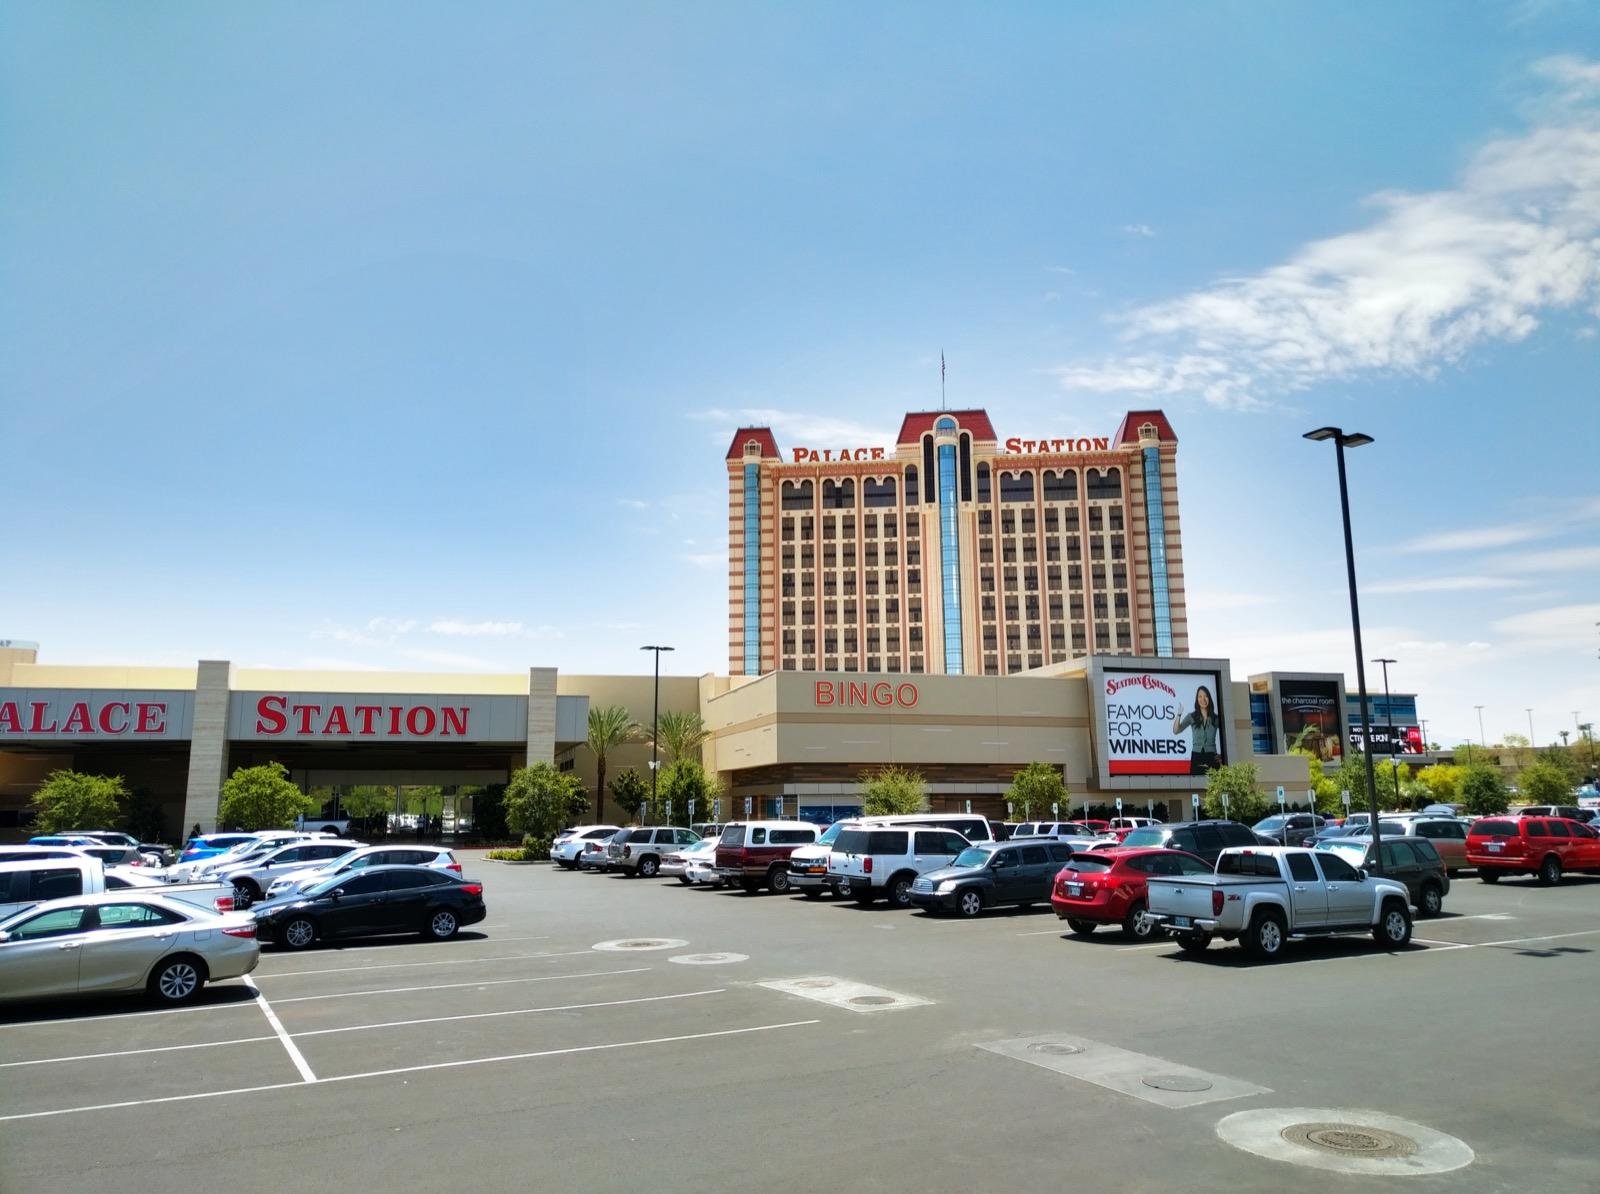 Hotel Palace Station Las Vegas Resysta Usa